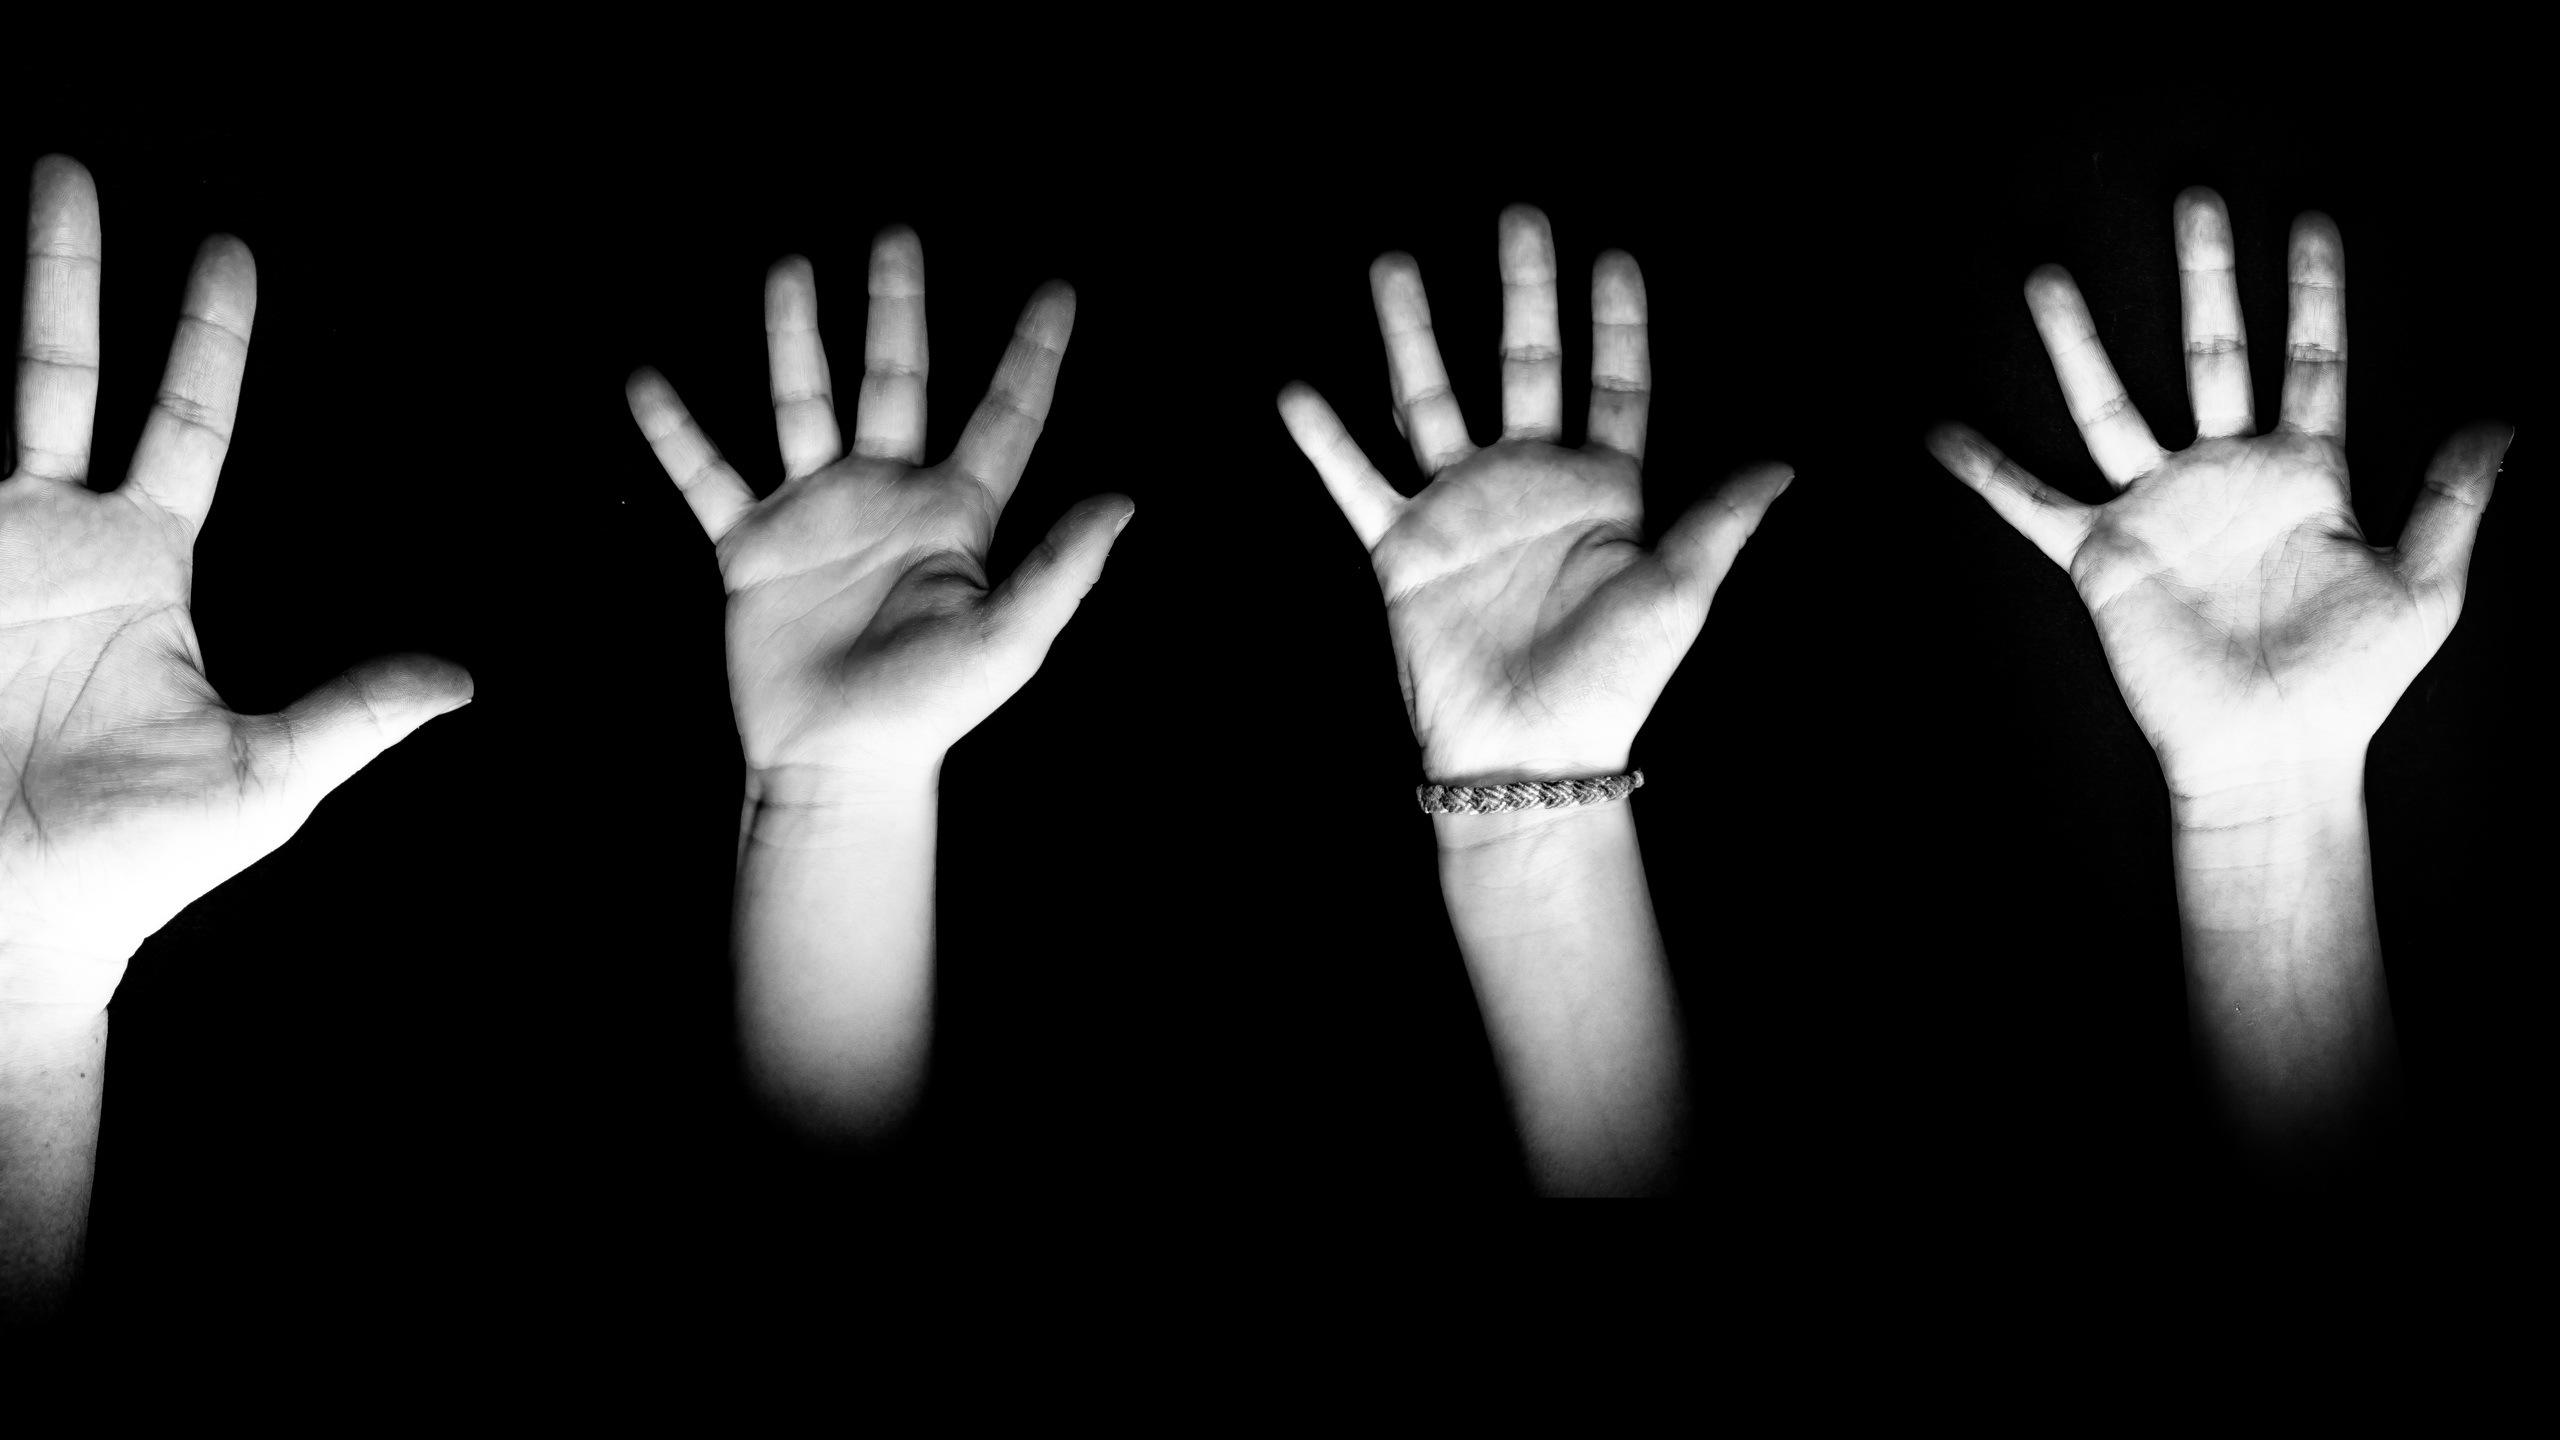 Hand-shadow guide (vdo) 622a  56fe(2)